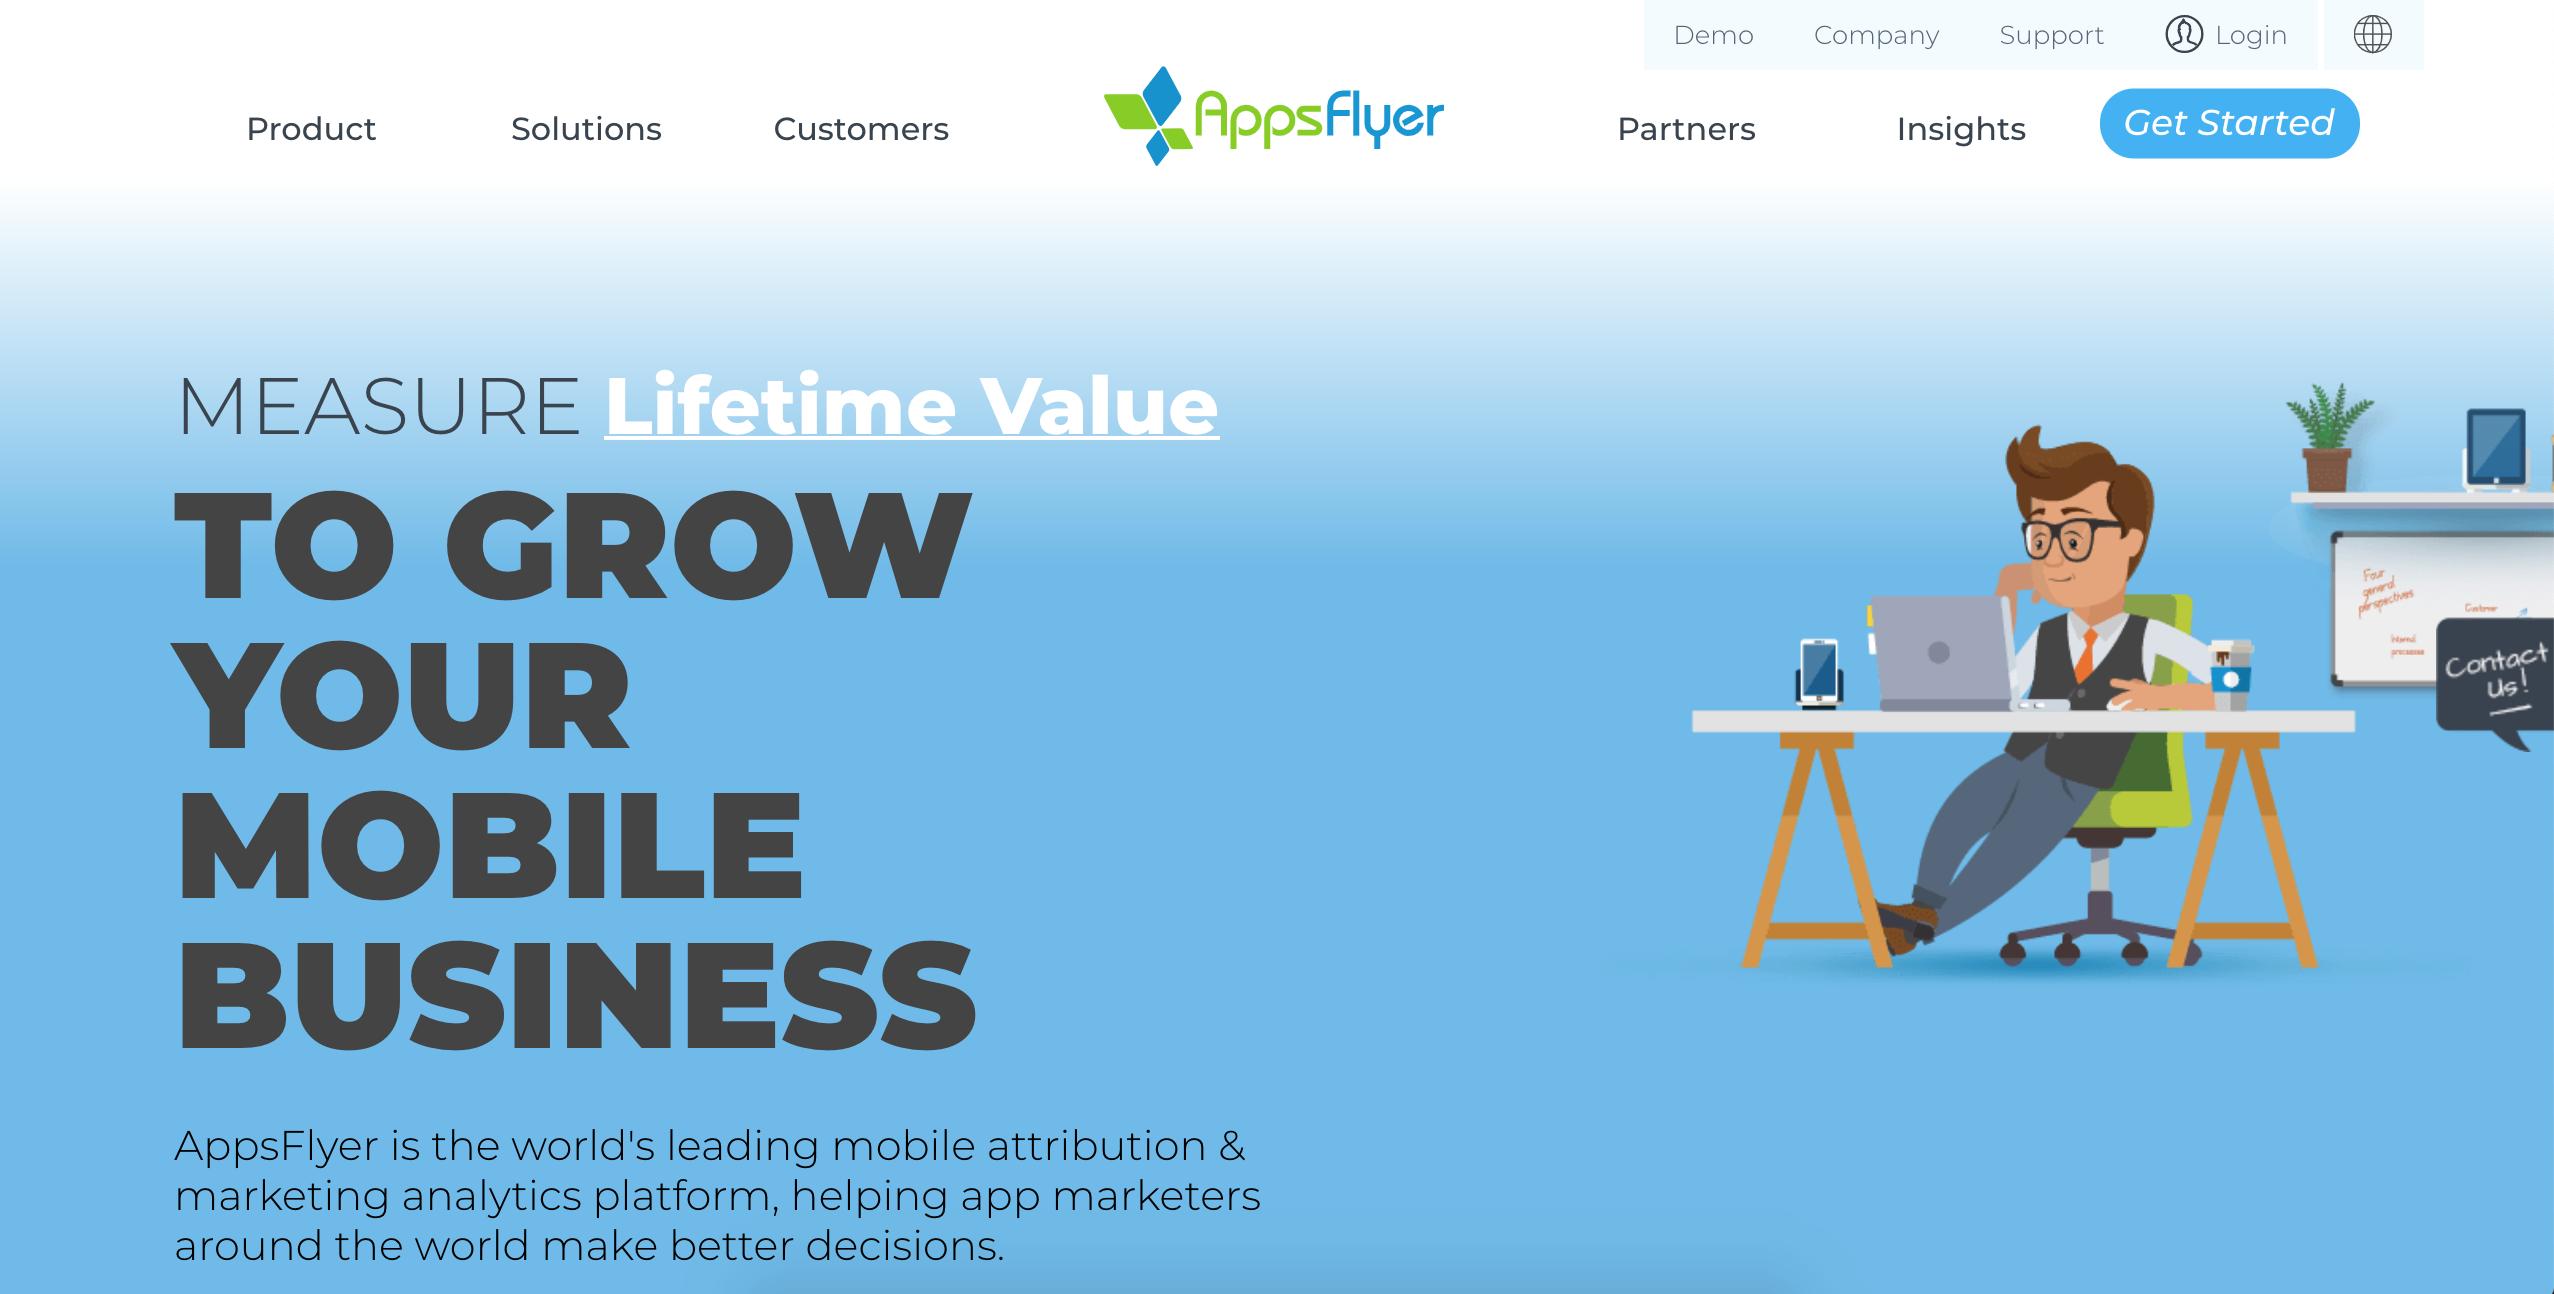 appsflyer cro analytics tool